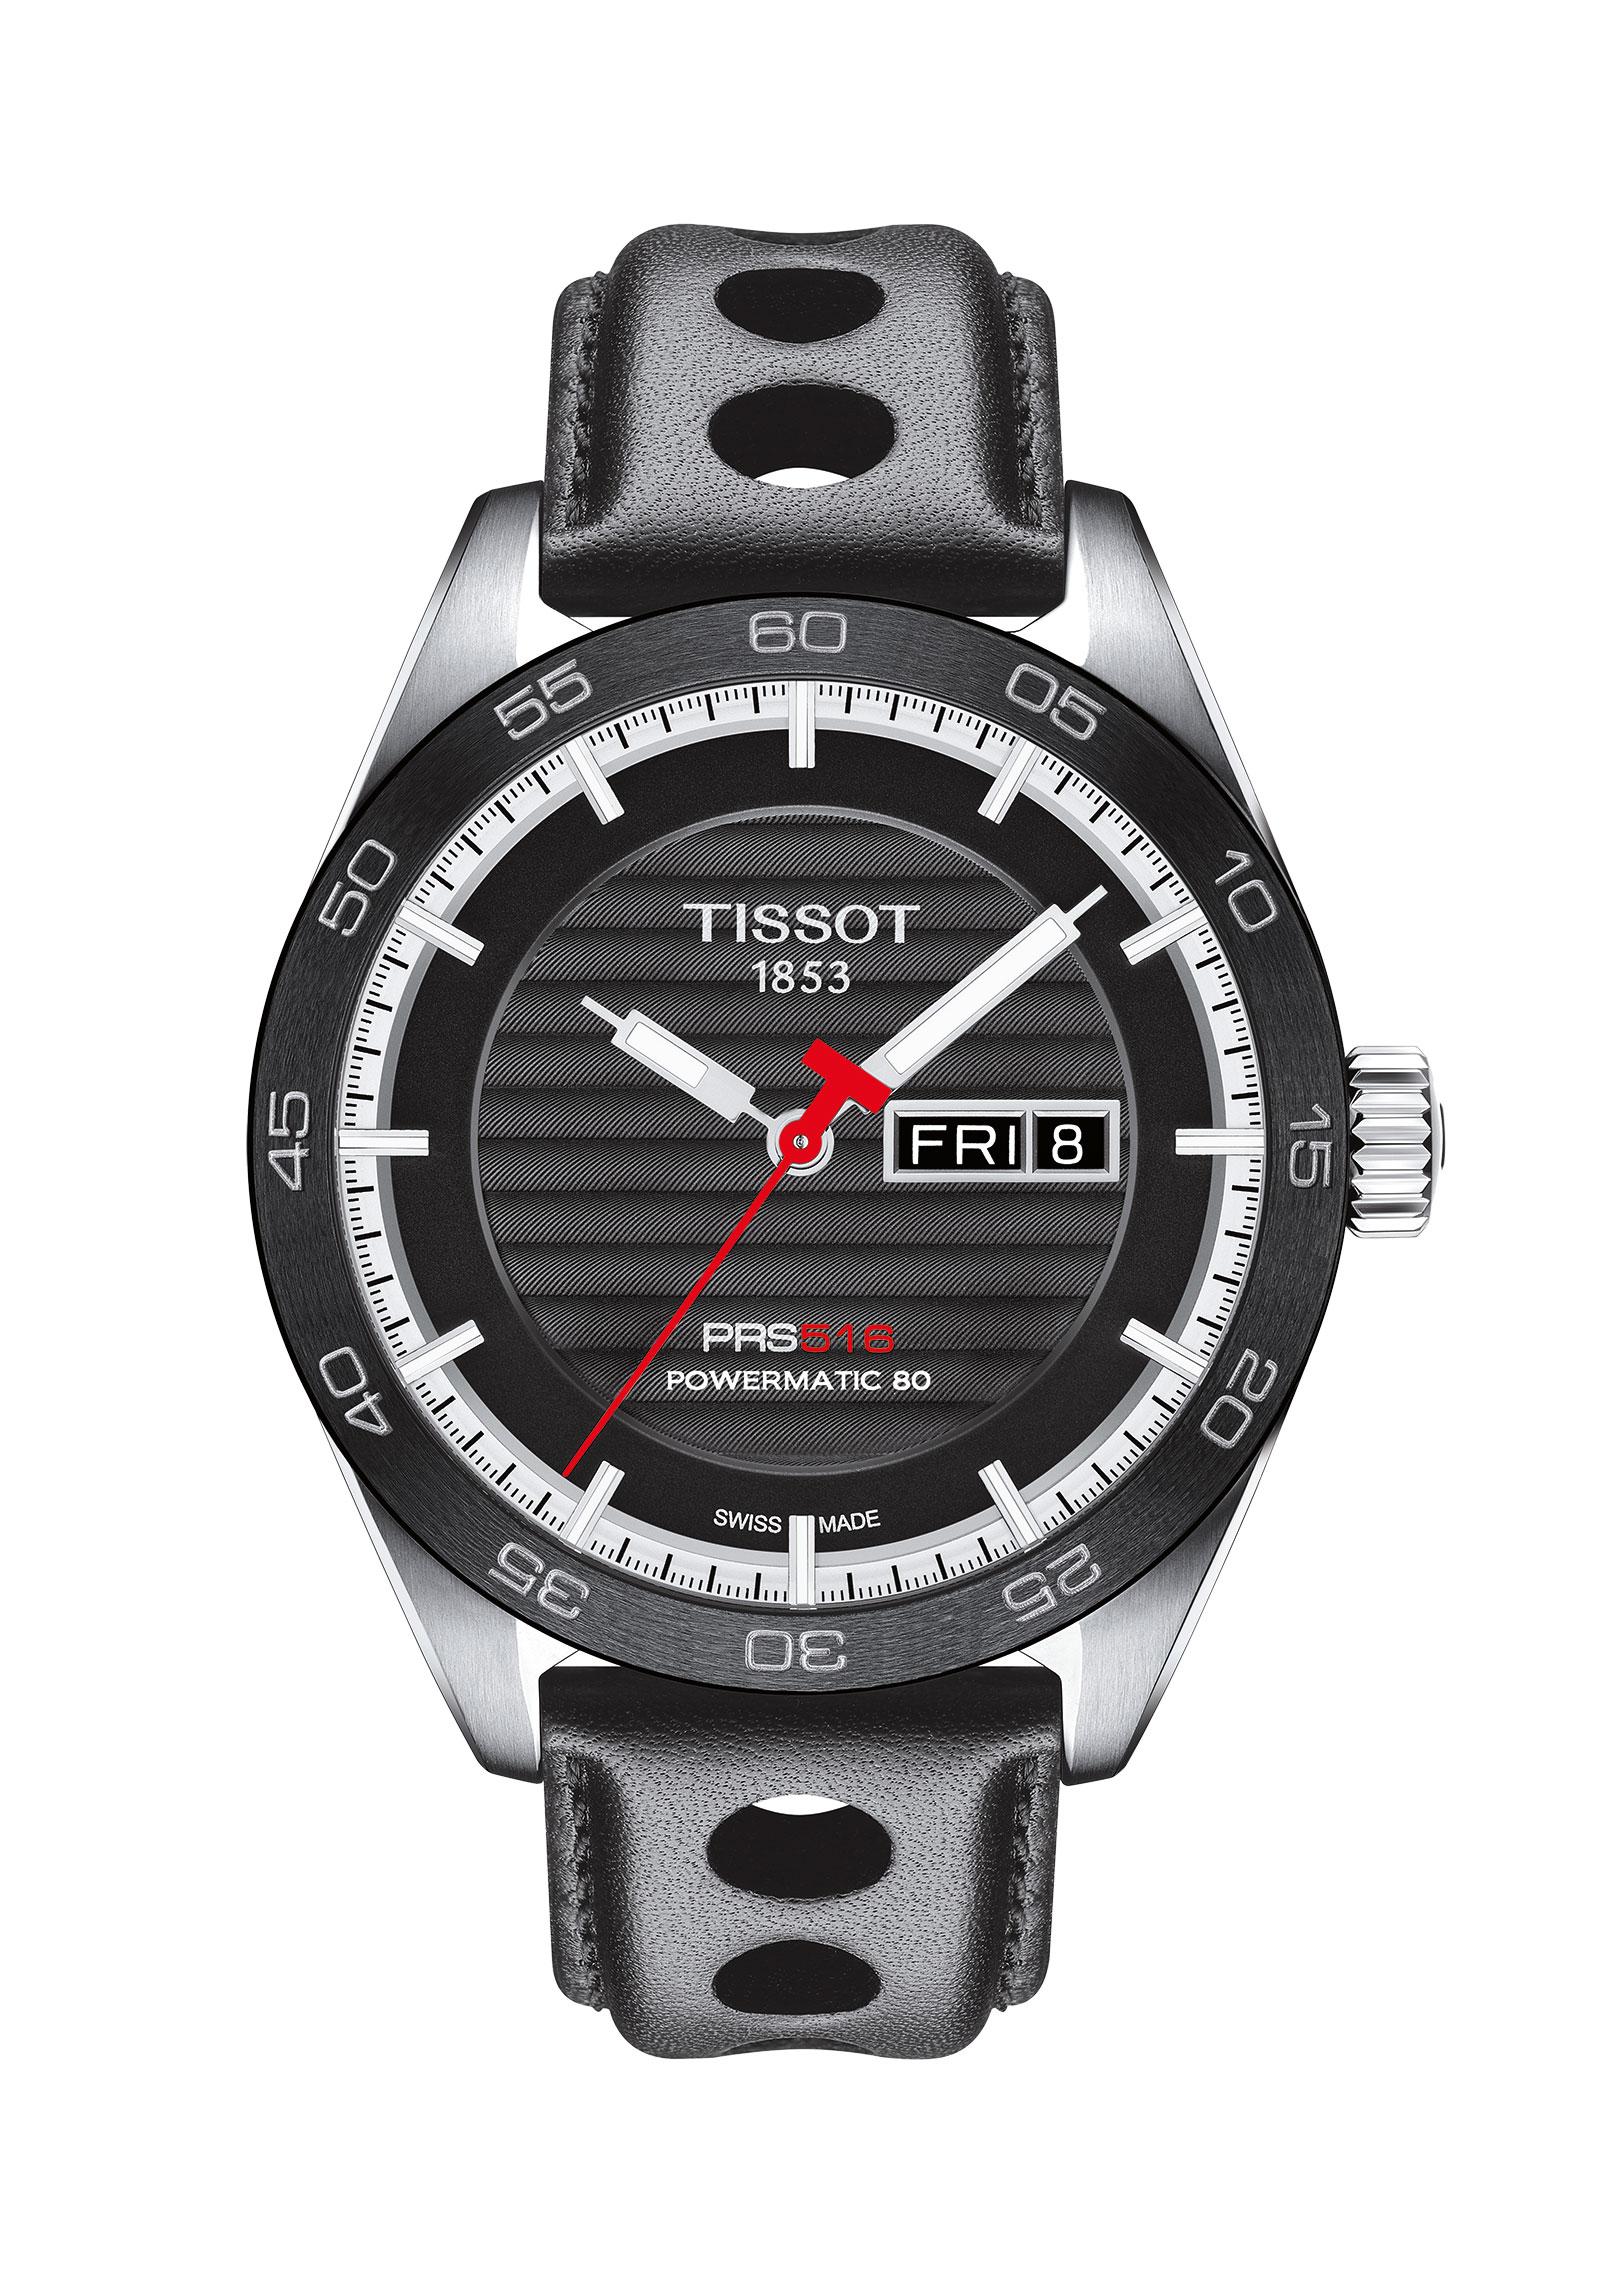 TISSOT T1004301605100 PRS 516 Automatic TISSOT PRS 516